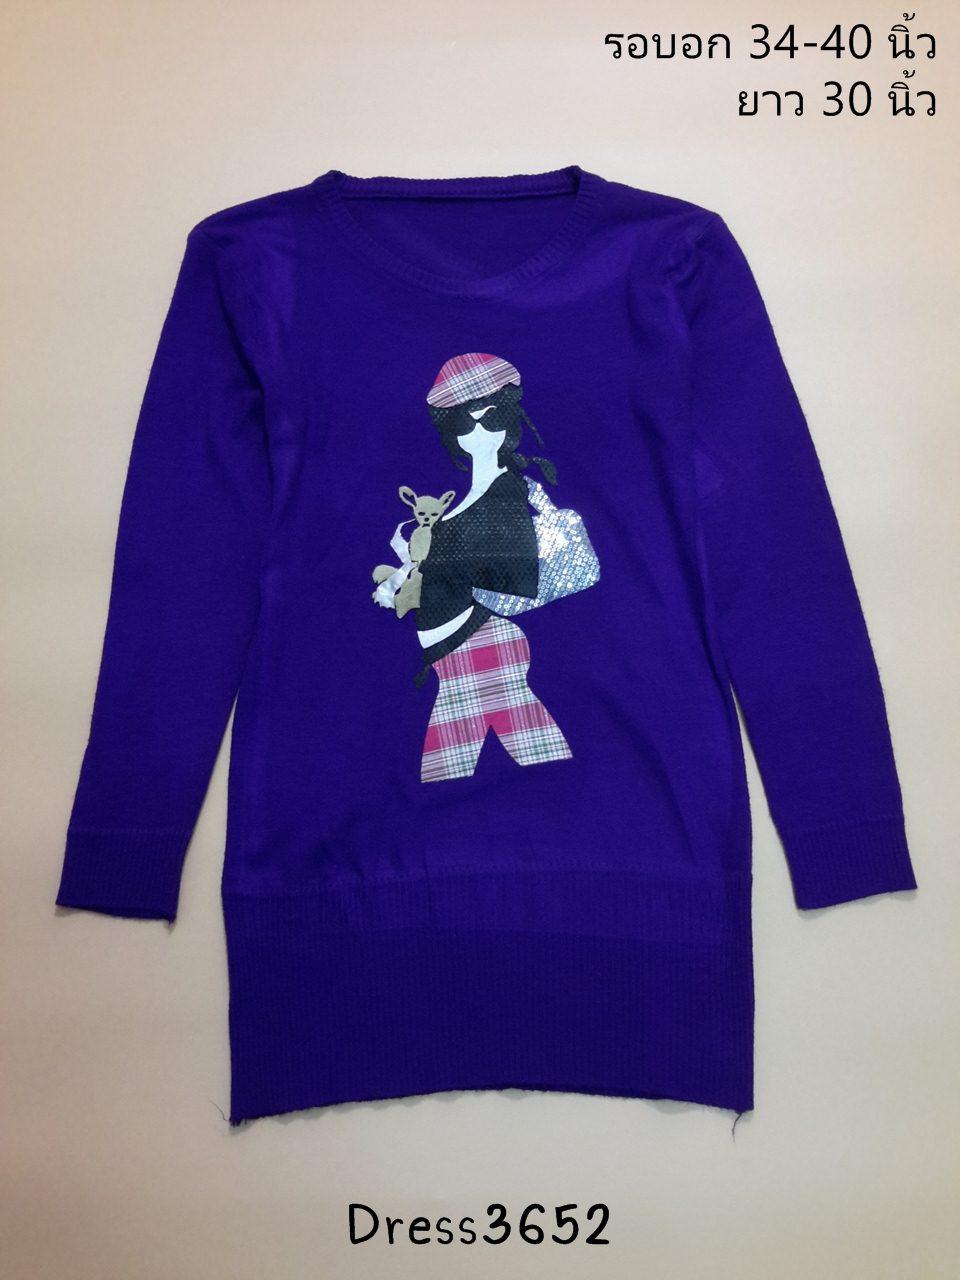 Dress3652 Sweater Dress กันหนาวแขนยาว ผ้าไหมพรมเนื้อหนานุ่ม แต่งลายผู้หญิง สีม่วงเข้ม